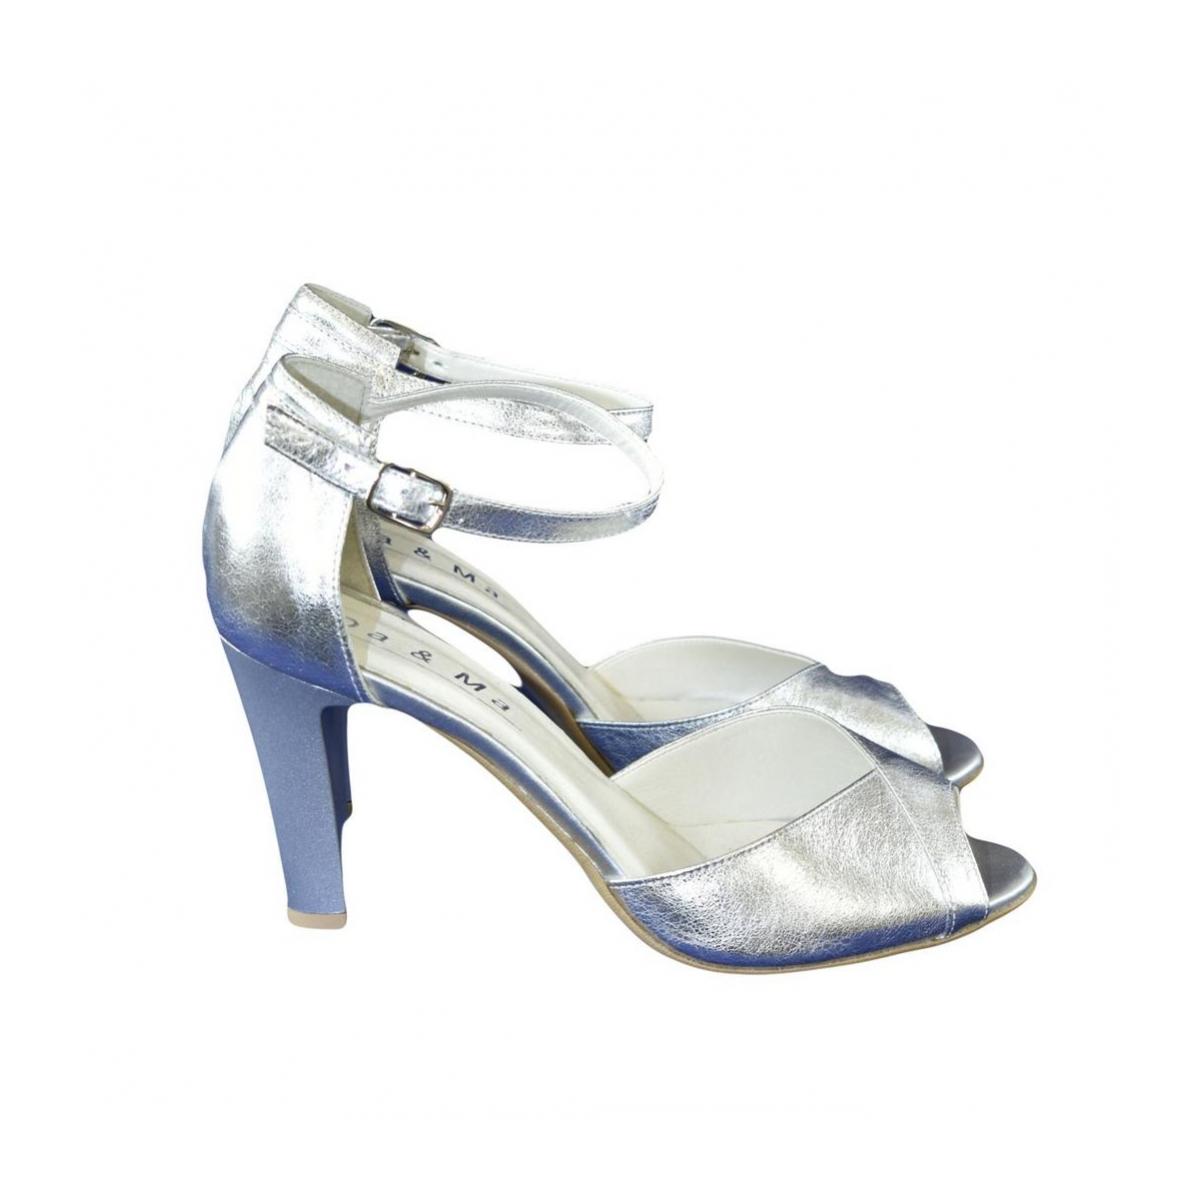 f9d58aff4486 Dámske kožené strieborné sandále MADAS - 3